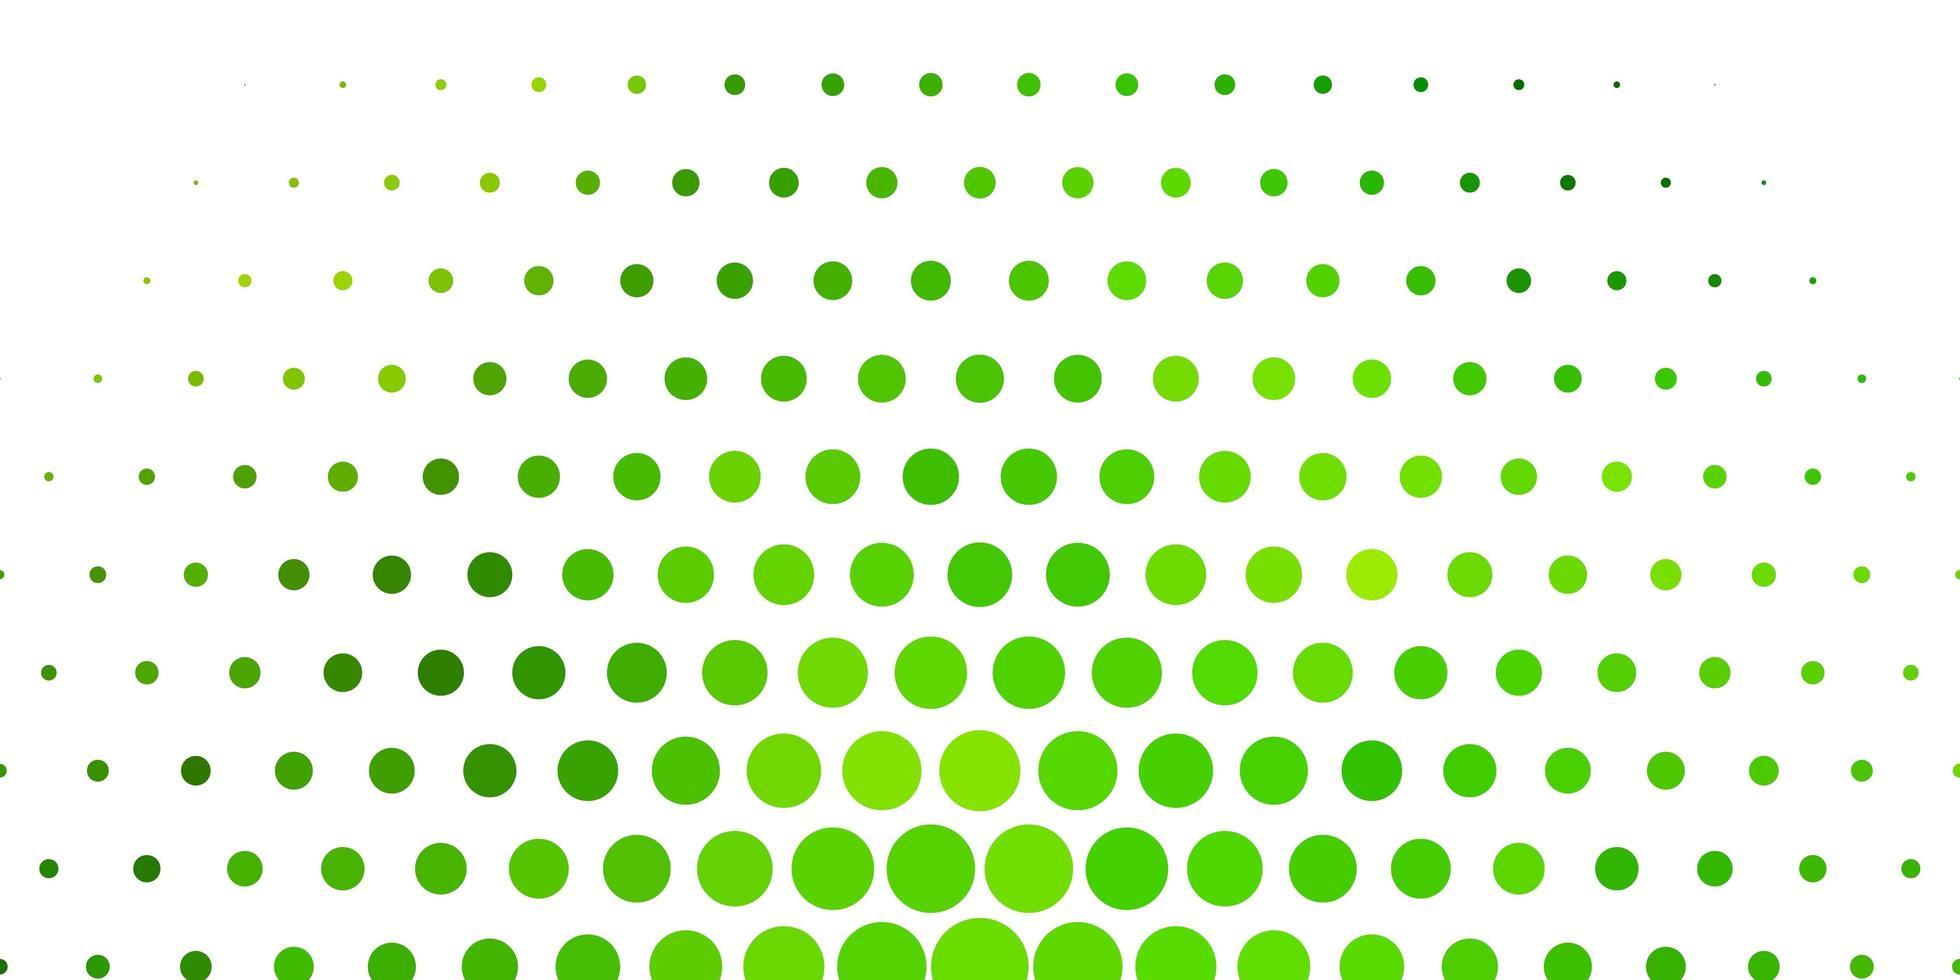 fundo verde claro com manchas. vetor